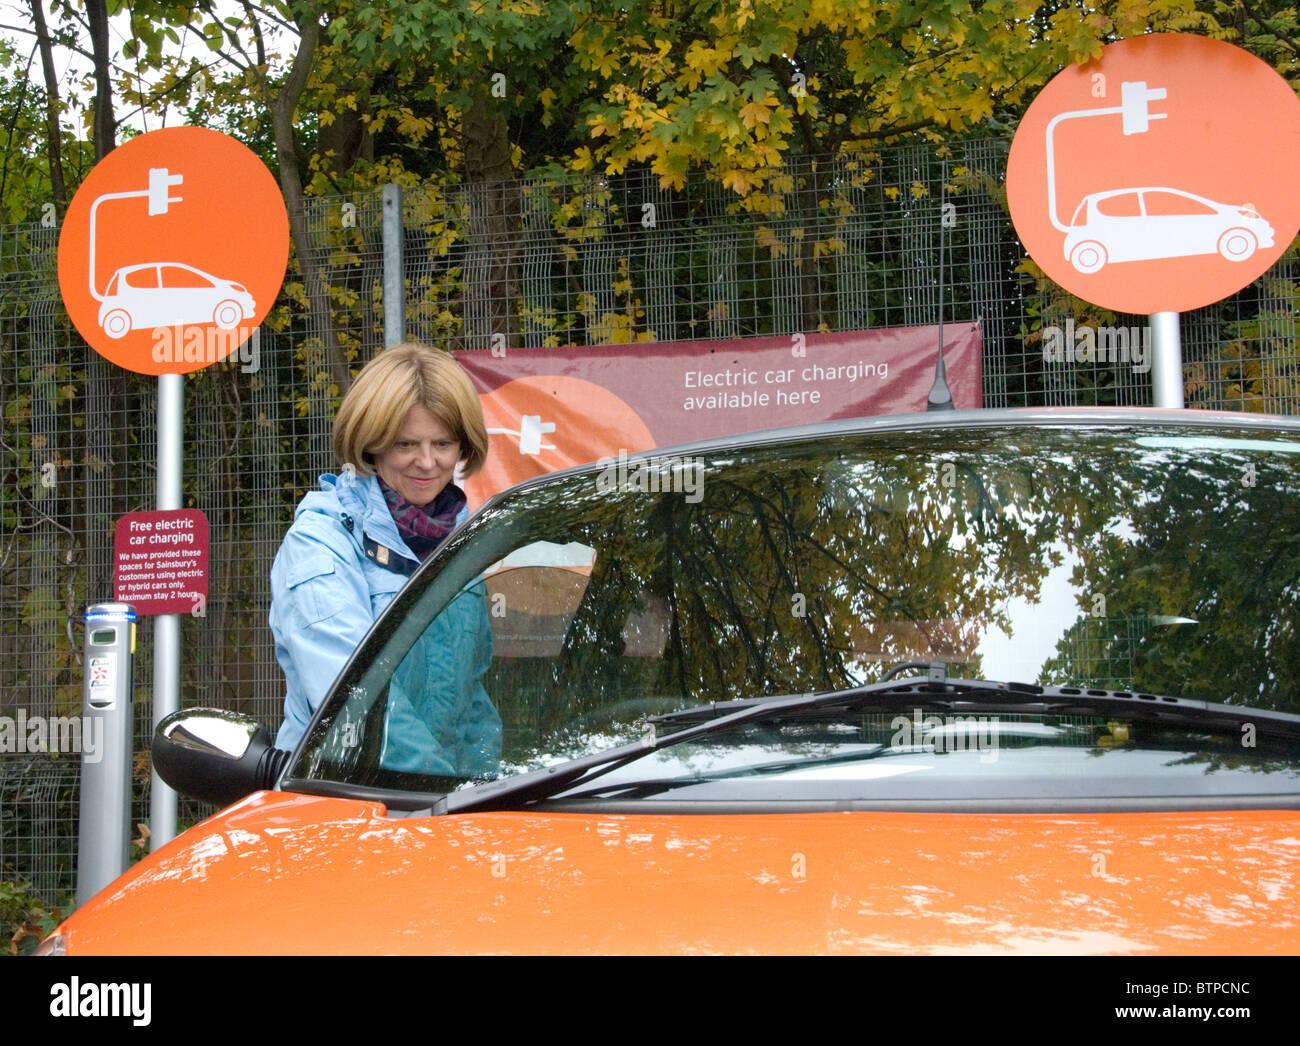 Donna salire in auto elettrica affittati da GoGo auto elettrica EV libero Elektrobay punto carica Sainsbury's Immagini Stock